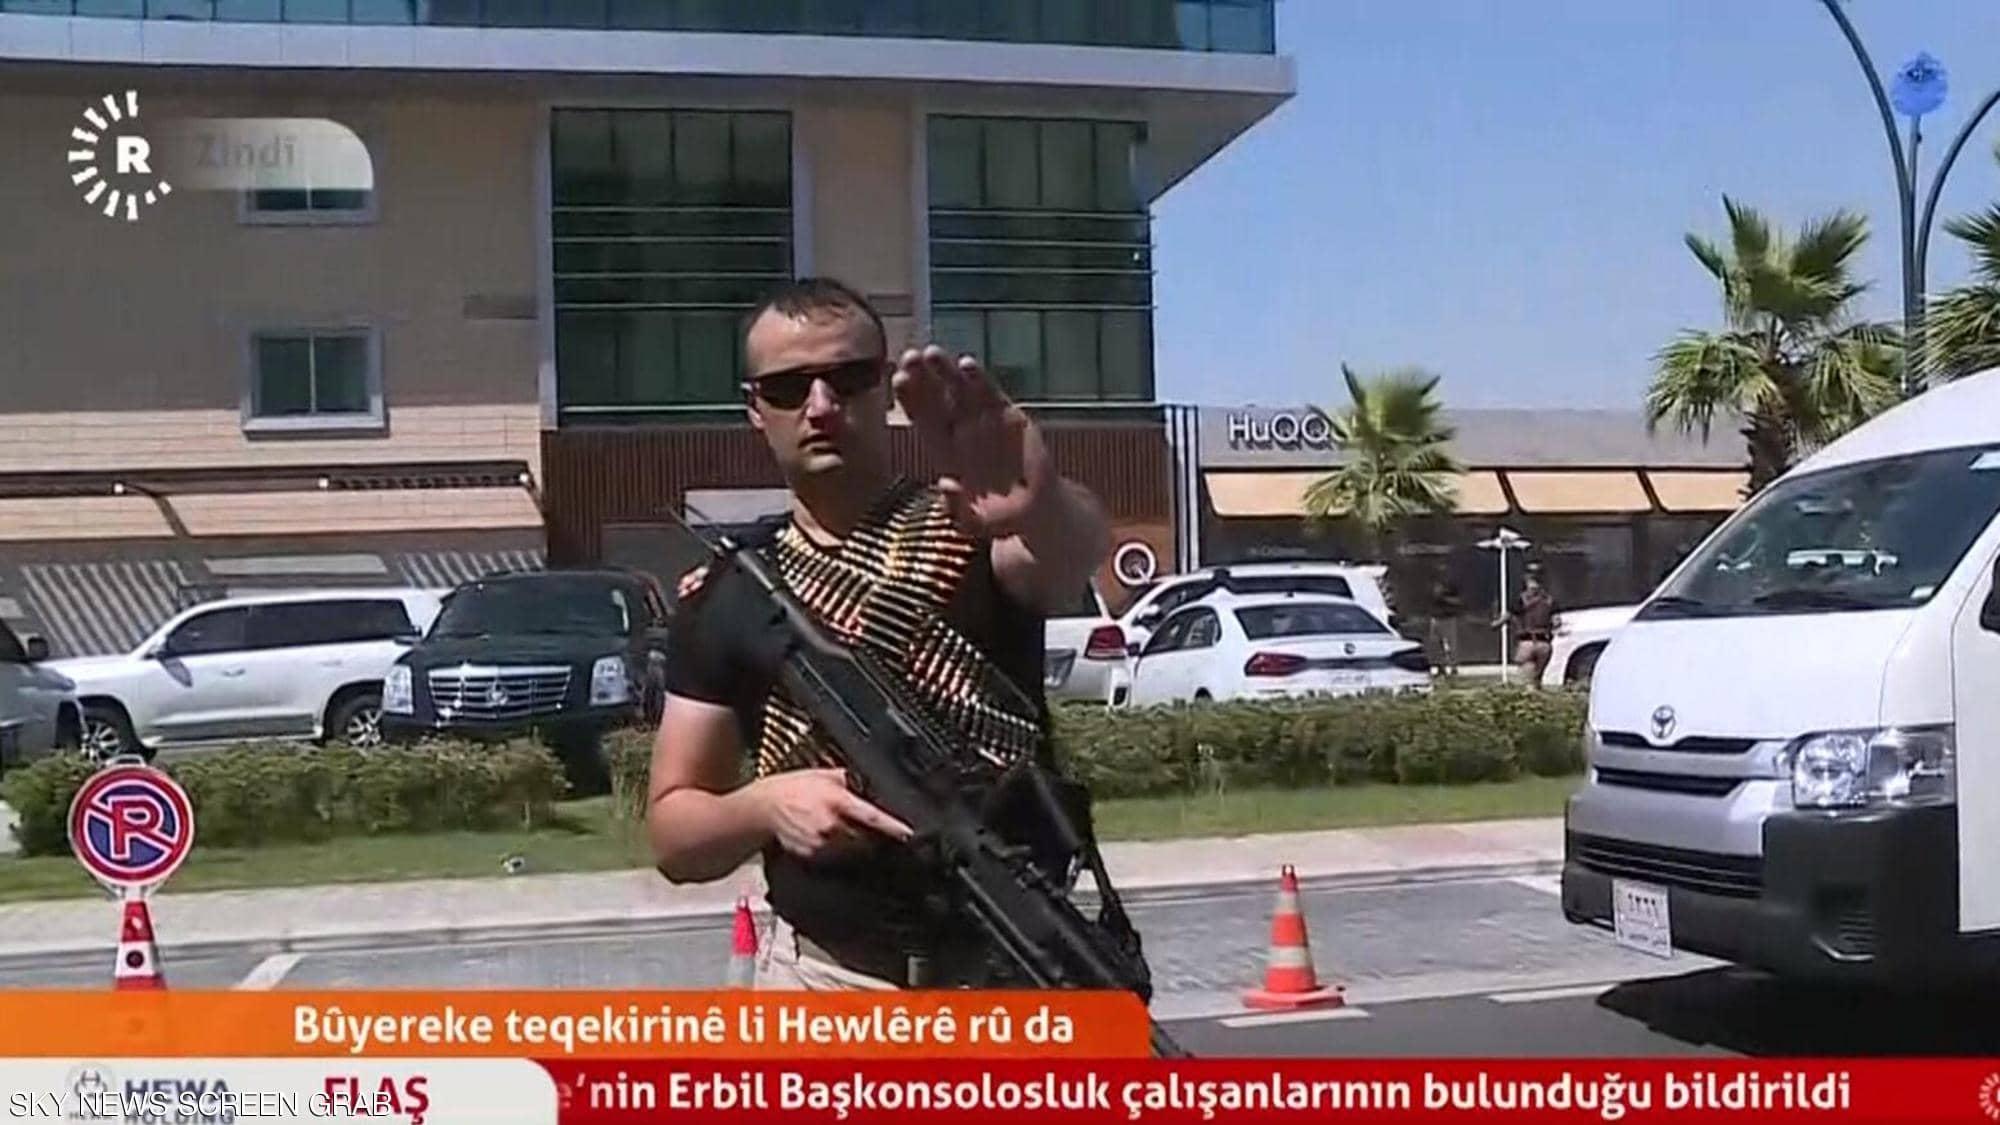 اغتيال نائب القنصل التركي في كردستان العراق